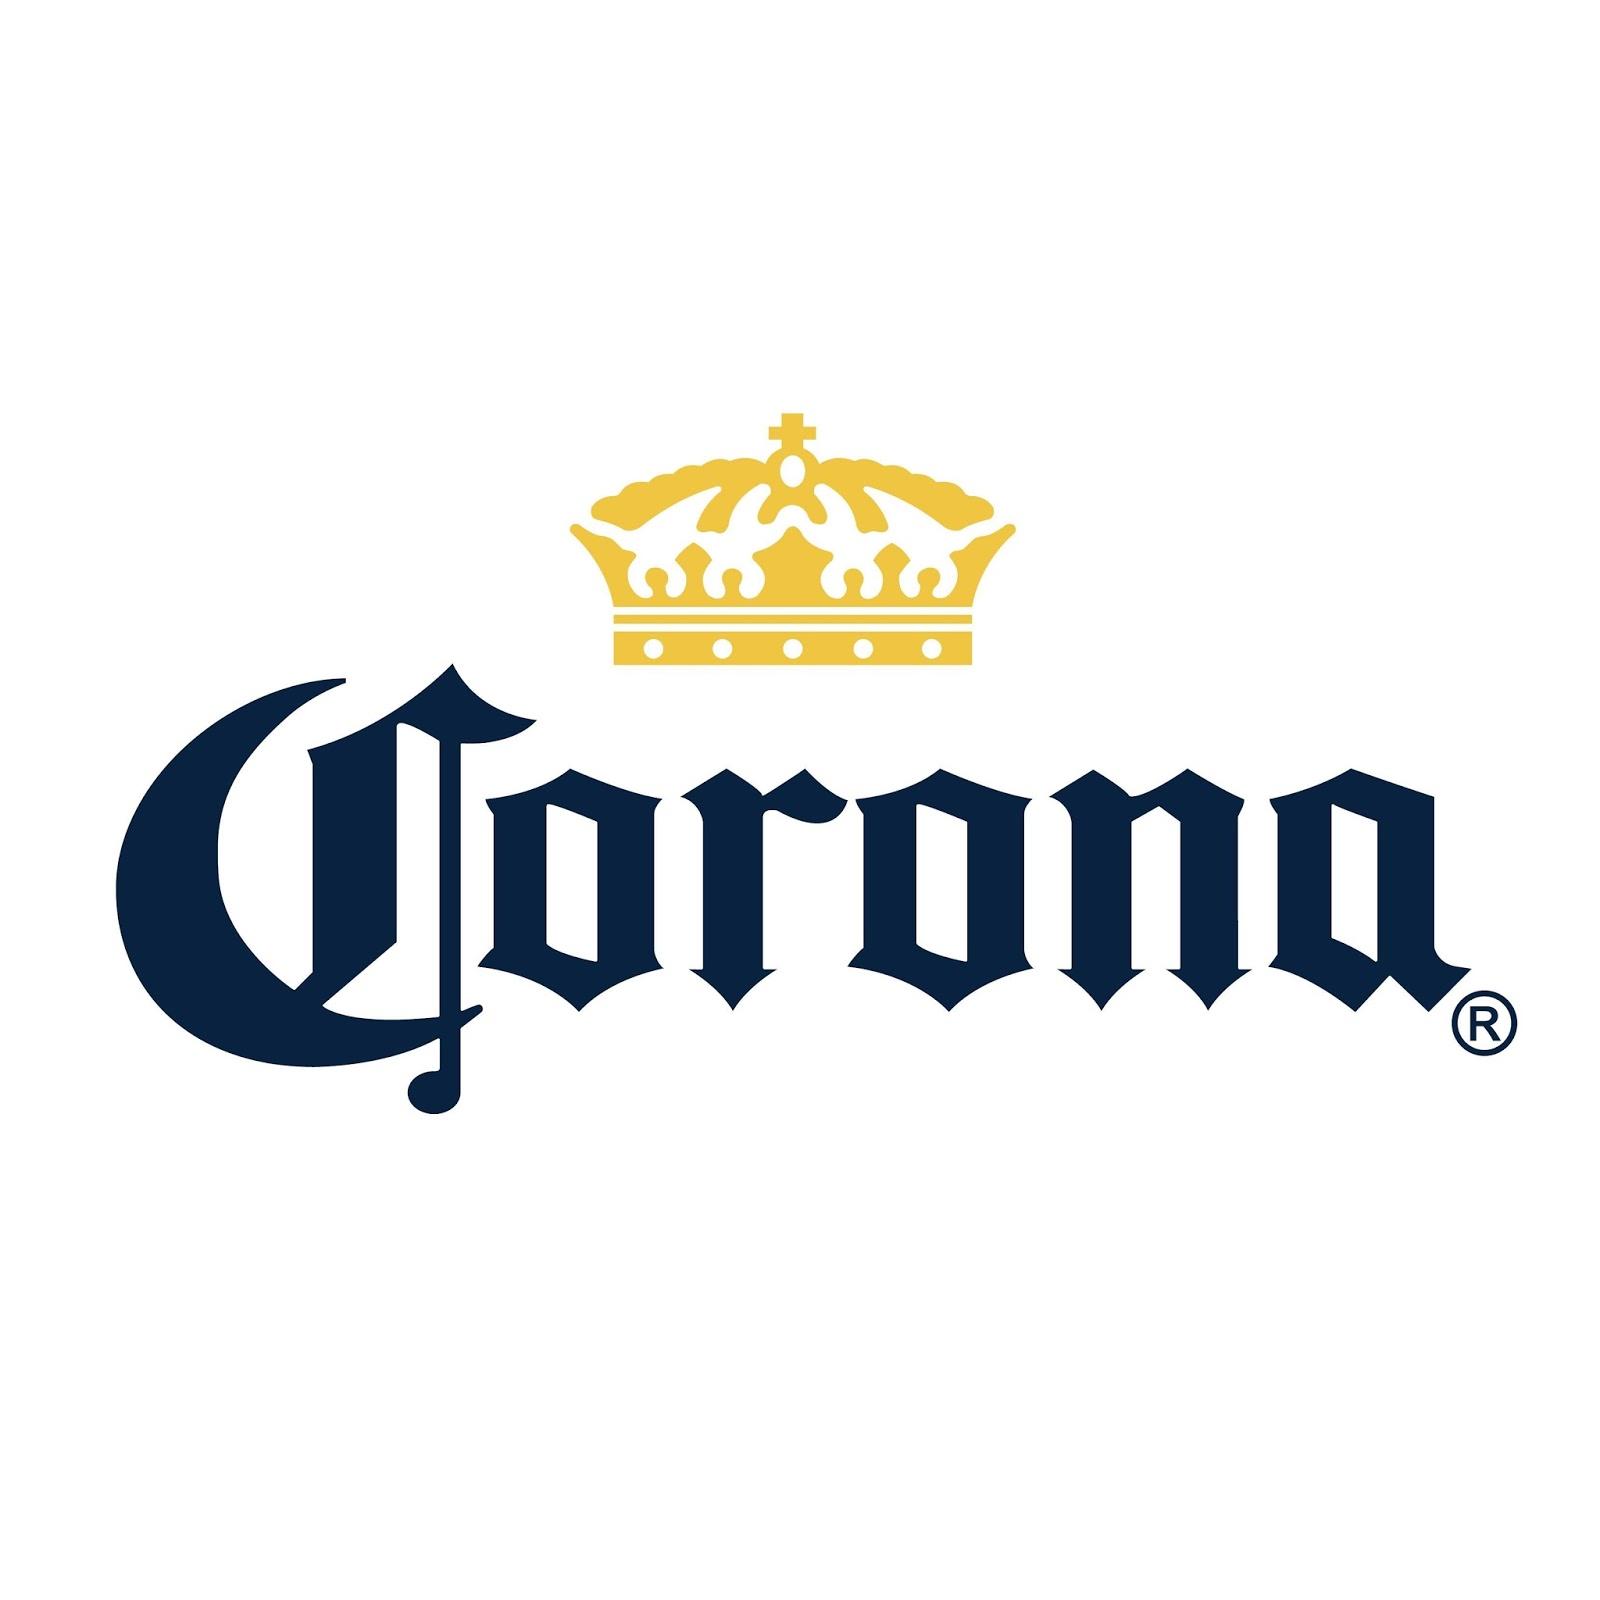 Resultado de imagem para logo da cerveja corona